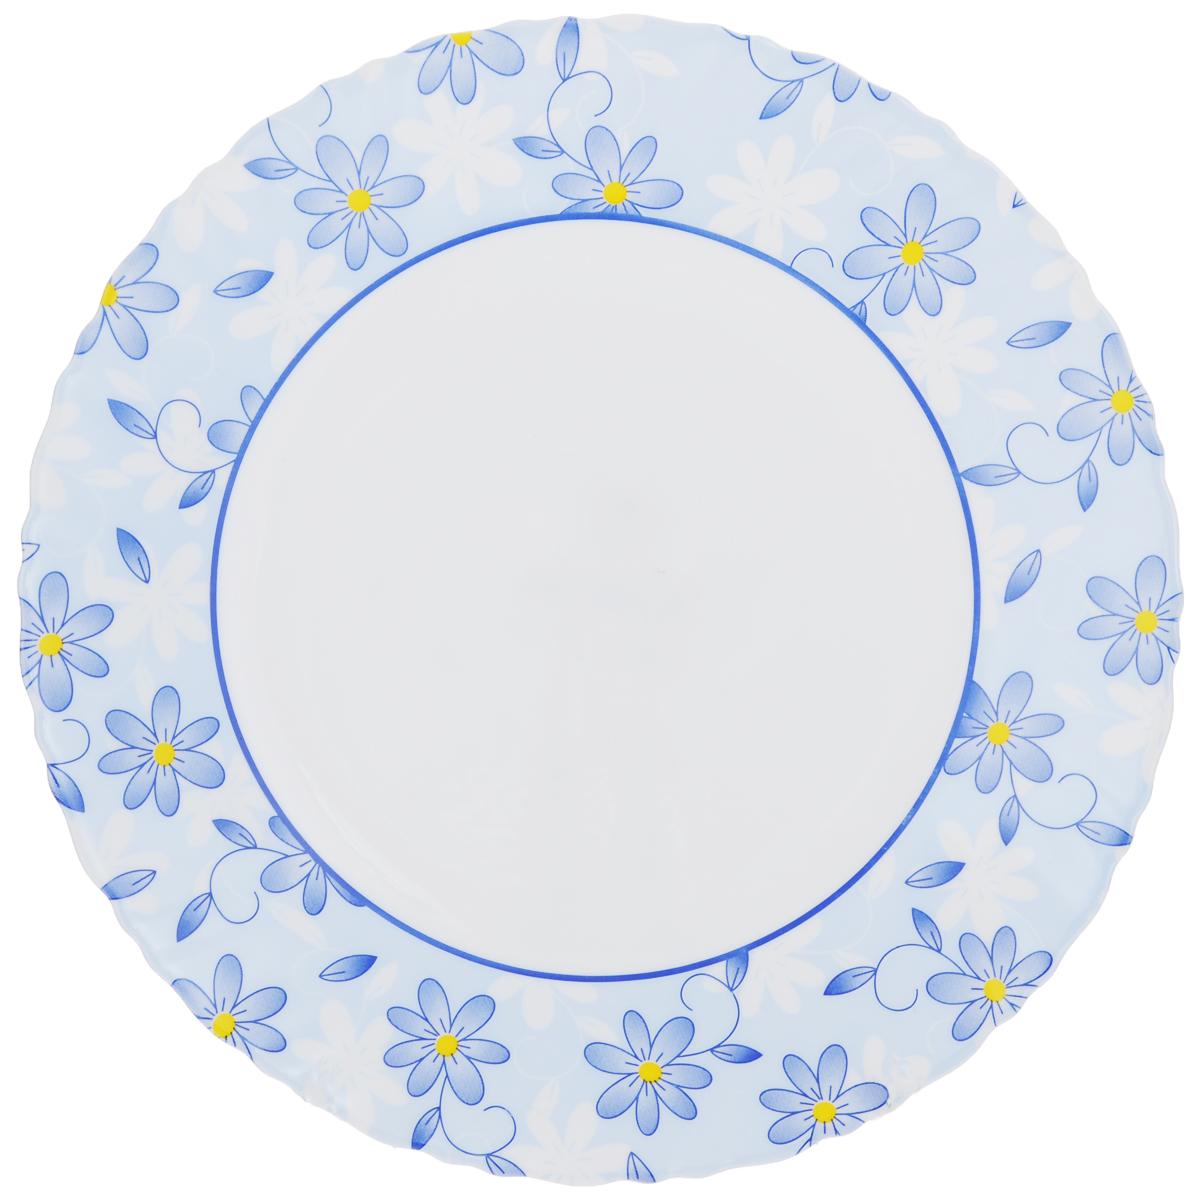 Тарелка обеденная Luminarc Gloria, диаметр 25 см115510Обеденная тарелка Luminarc Gloria, изготовленная из высококачественного стекла, украшена ярким цветочным рисунком. Изящный дизайн придется по вкусу и ценителям классики, и тем, кто предпочитает утонченность. Тарелка Luminarc Gloria идеально подойдет для сервировки стола и станет отличным подарком к любому празднику.Диаметр (по верхнему краю): 25 см.